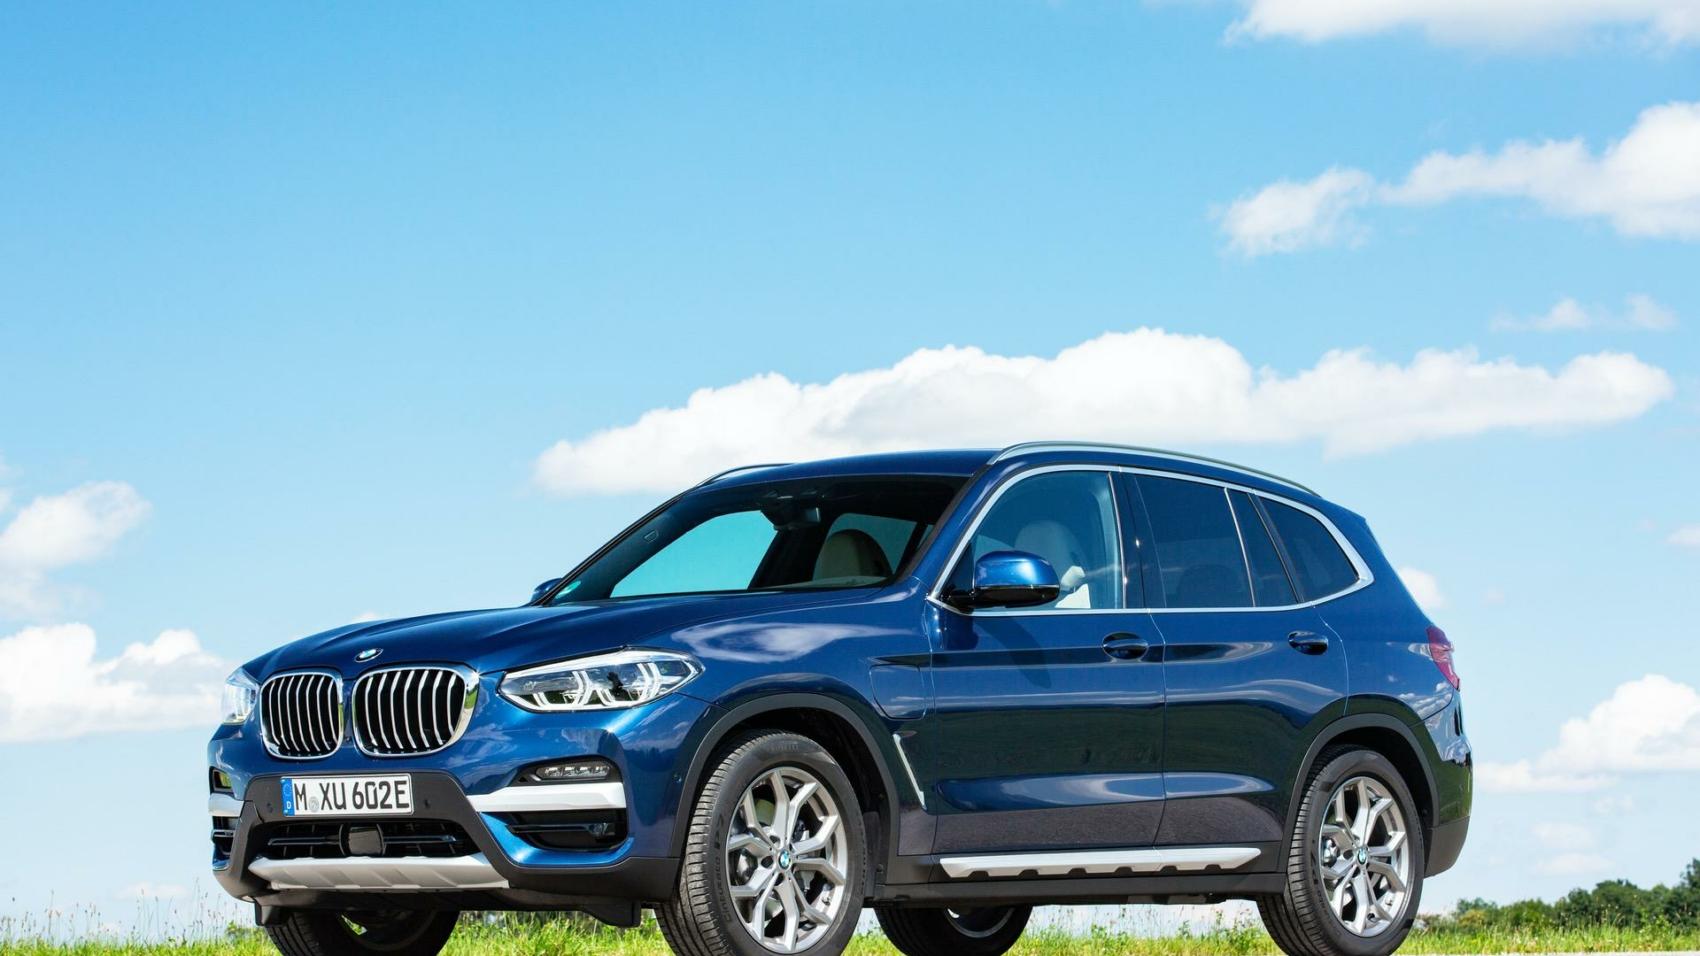 2020-BMW-X3-xDrive30e-hybrid-08